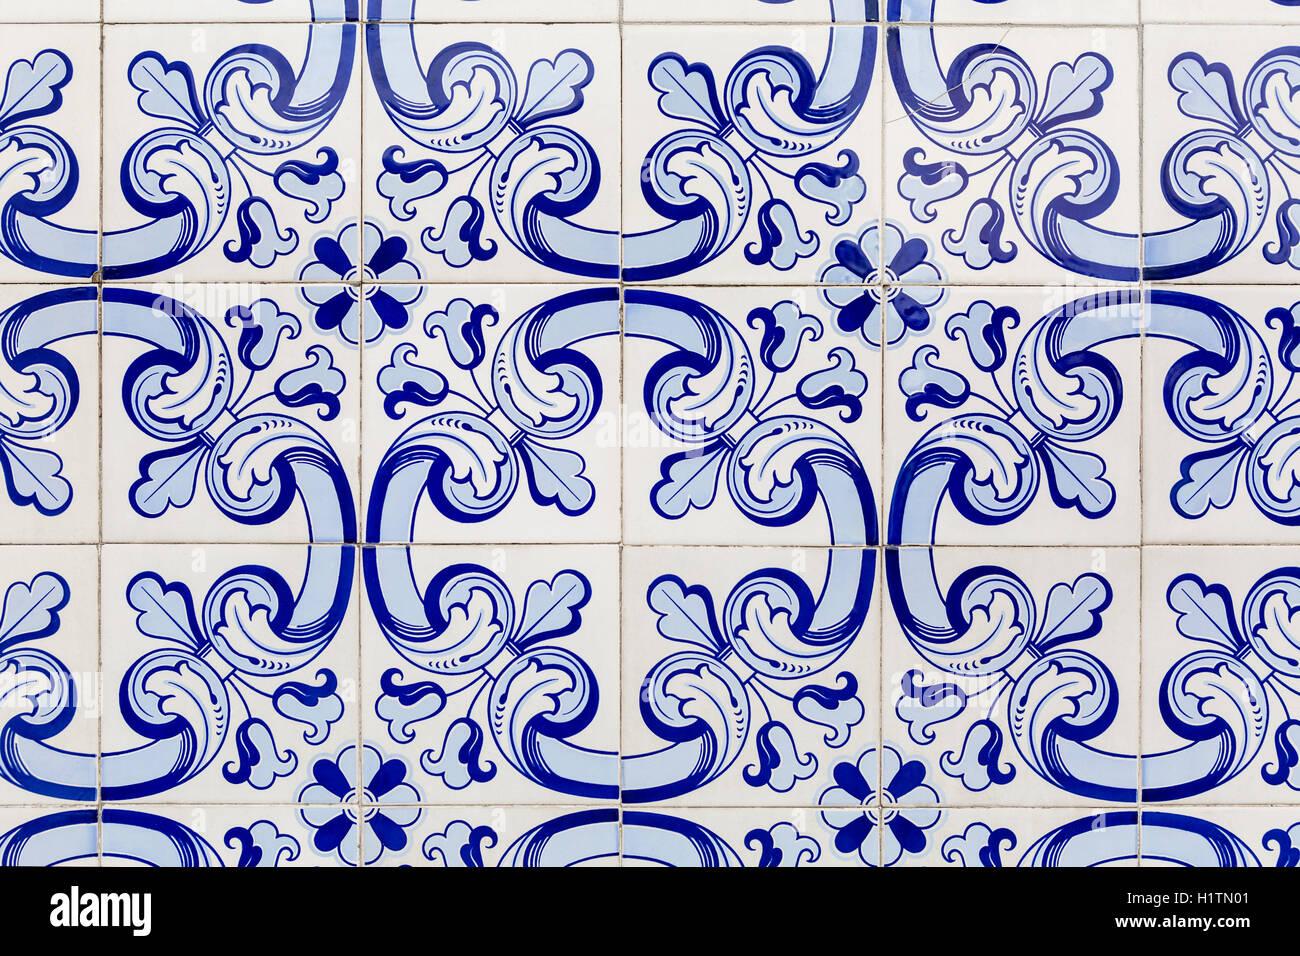 El Azul De Los Azulejos Baldosas Originales De Lisboa Portugal - Azulejos-originales